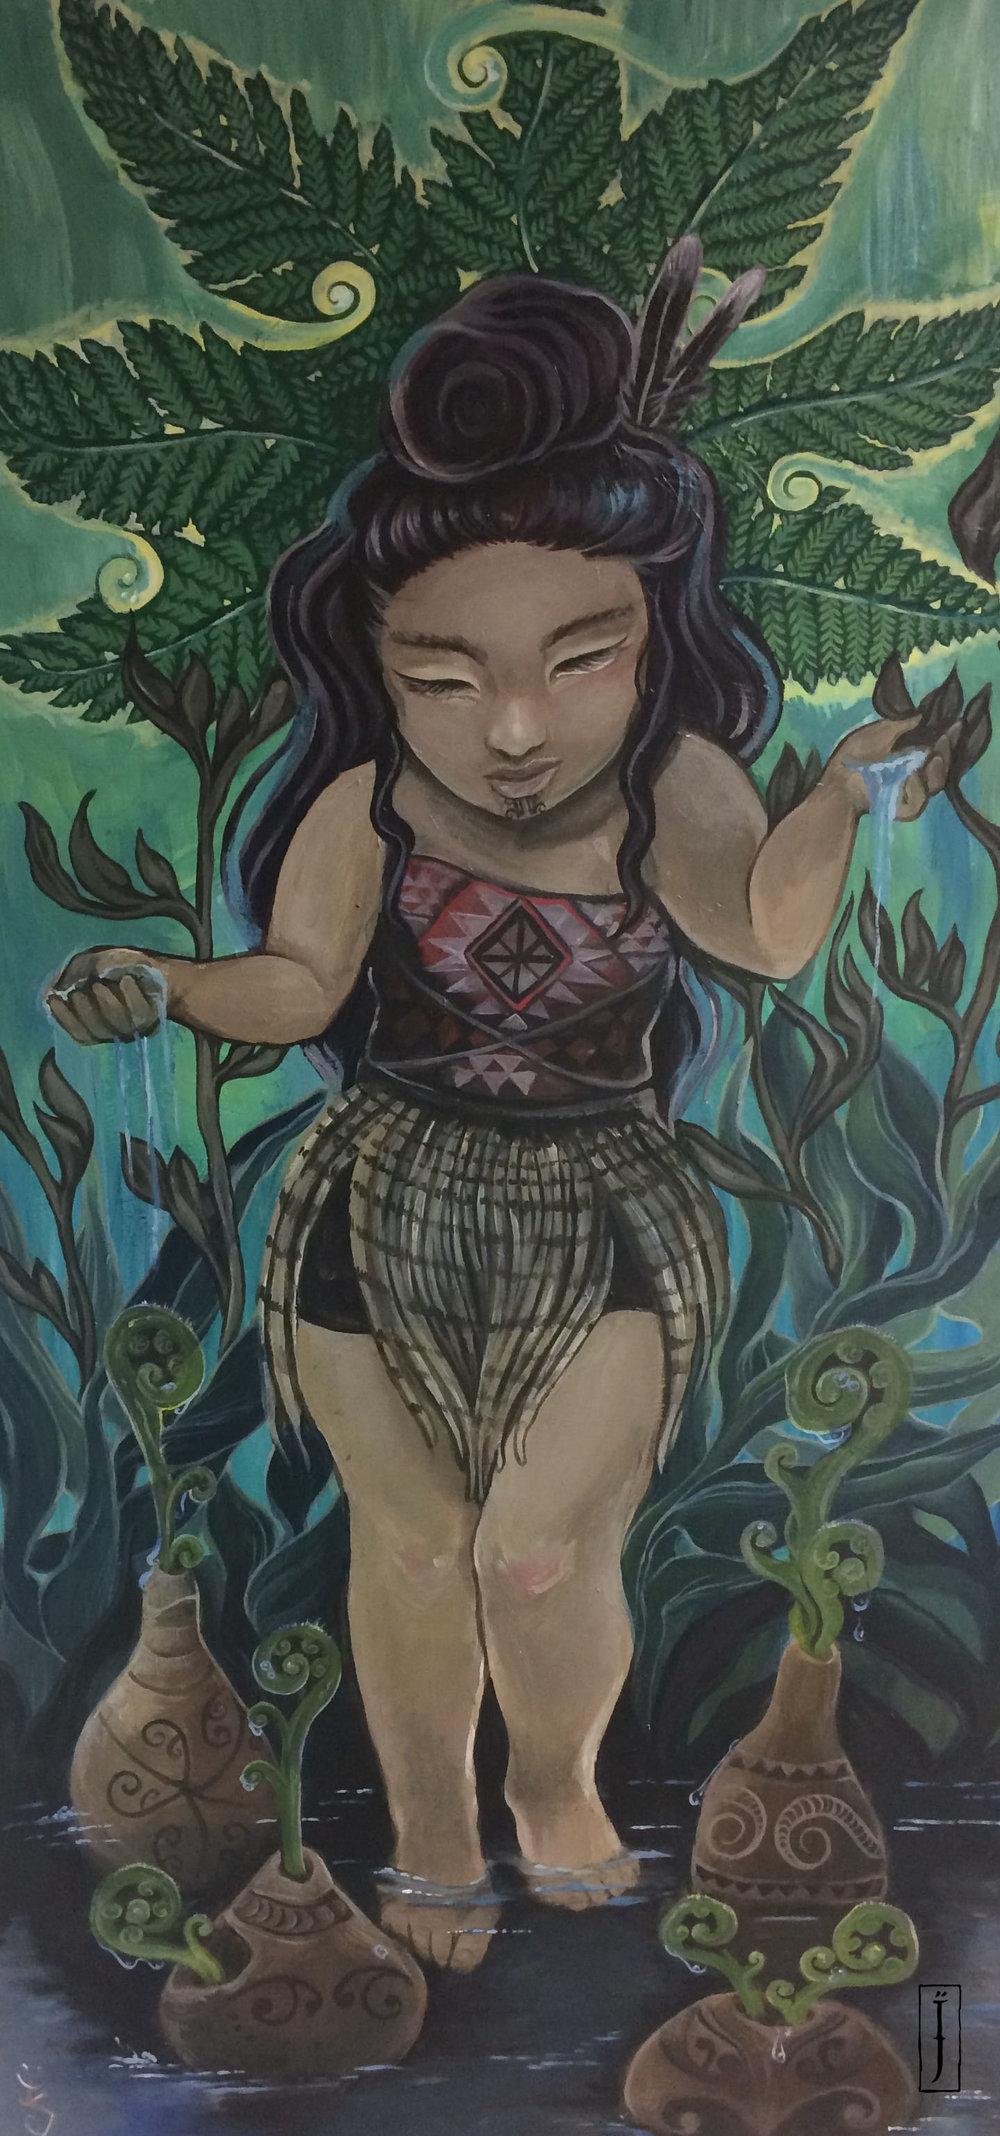 'E tū, Hine-pū-te-hue' by Isobel Joy Te Aho-White